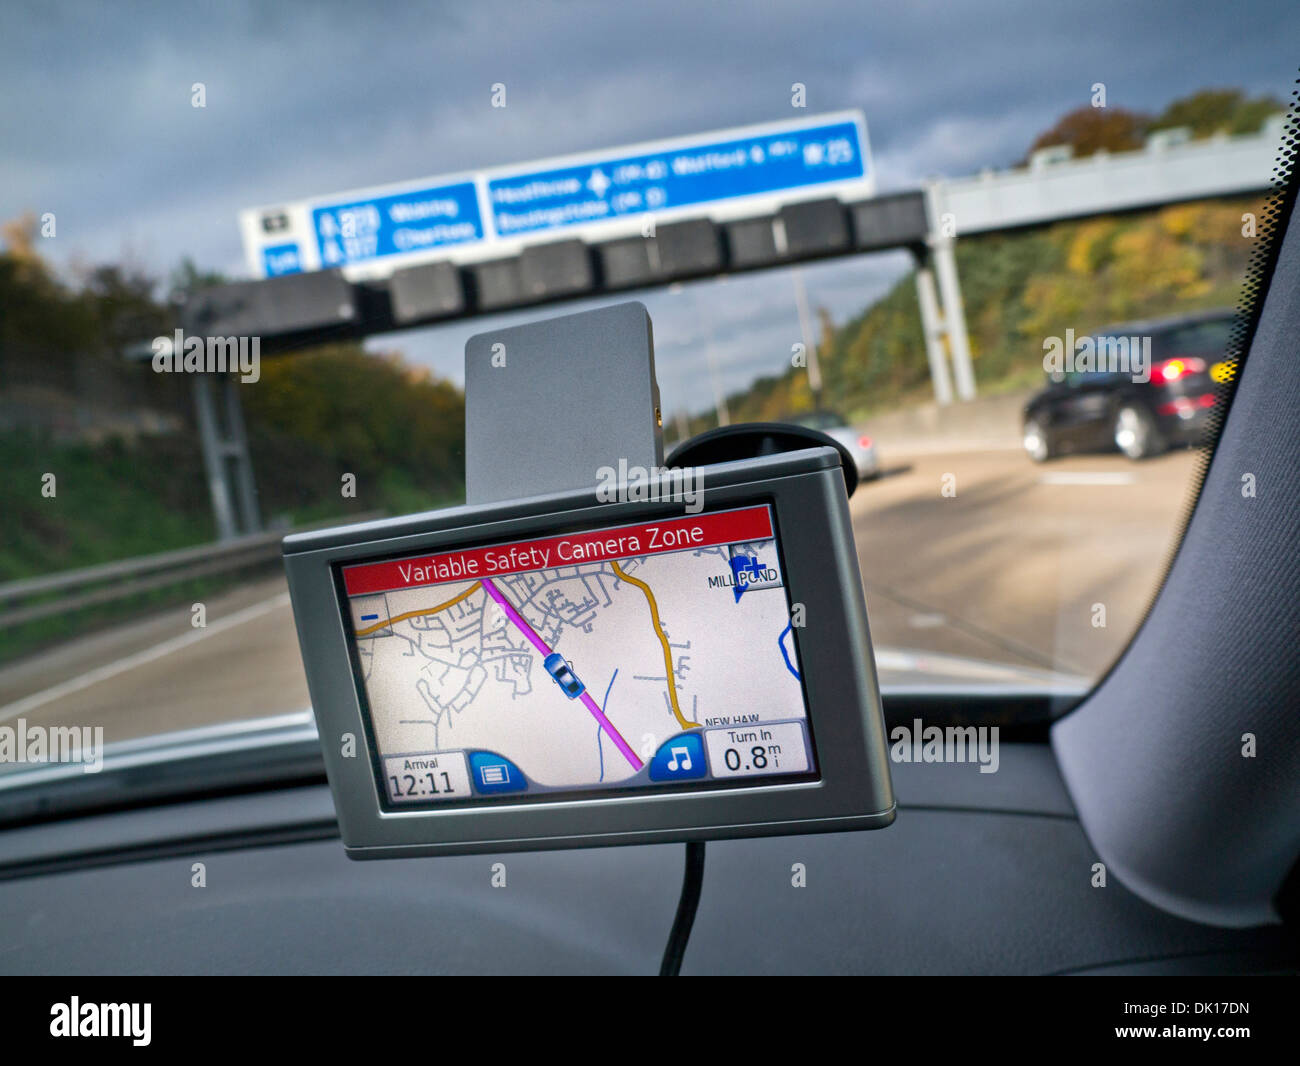 Sistema di navigazione satellitare schermo in auto sulla M25 Orbital con red 'Zona Autovelox variabile' avviso visualizzato Surrey UK Immagini Stock